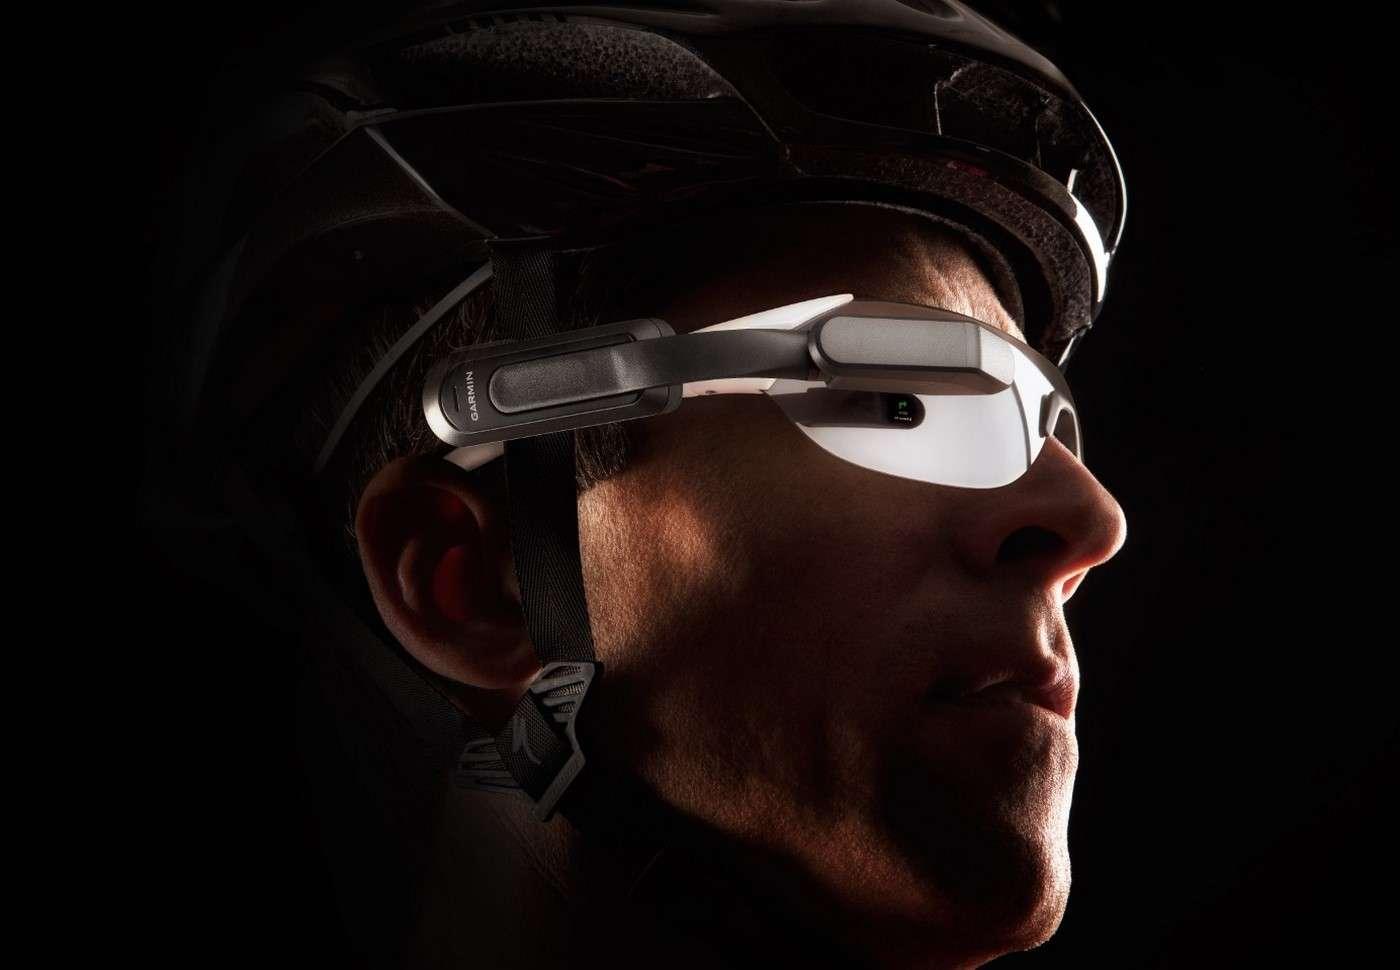 Pour tous les sportifs déjà équipés de lunettes de protection, Garmin a conçu un système d'affichage tête haute amovible qui s'adapte à tous les modèles. Un concept judicieux mais pour lequel il faudra casser sa tirelire. © Garmin